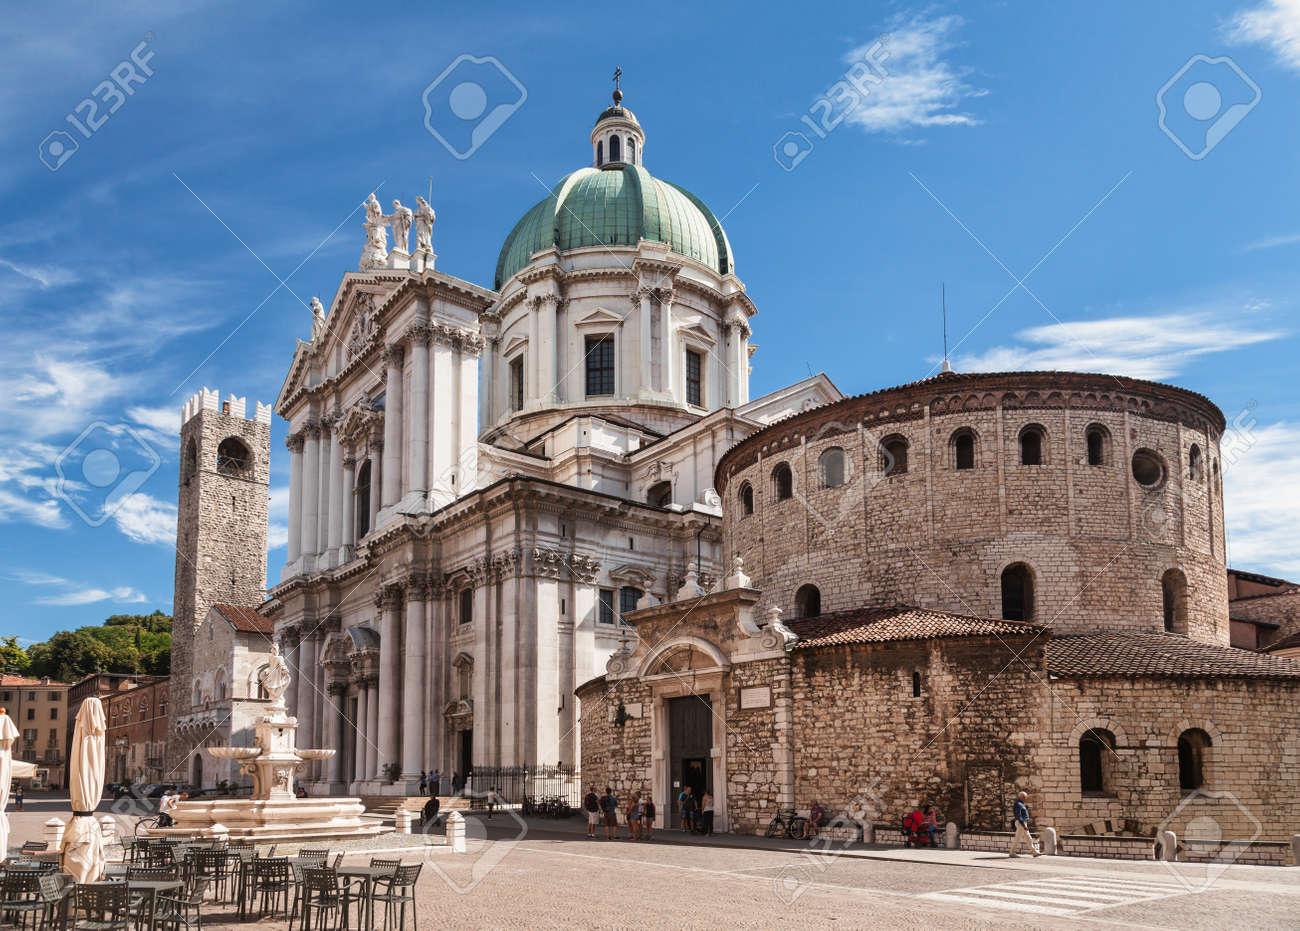 Brescia, Italy - Aug 7, 2016: Piazza Paolo VI with Old Cathedral (Duomo Vecchio) or La Rotonda and New Cathedral (Duomo Nuovo) - 166776716